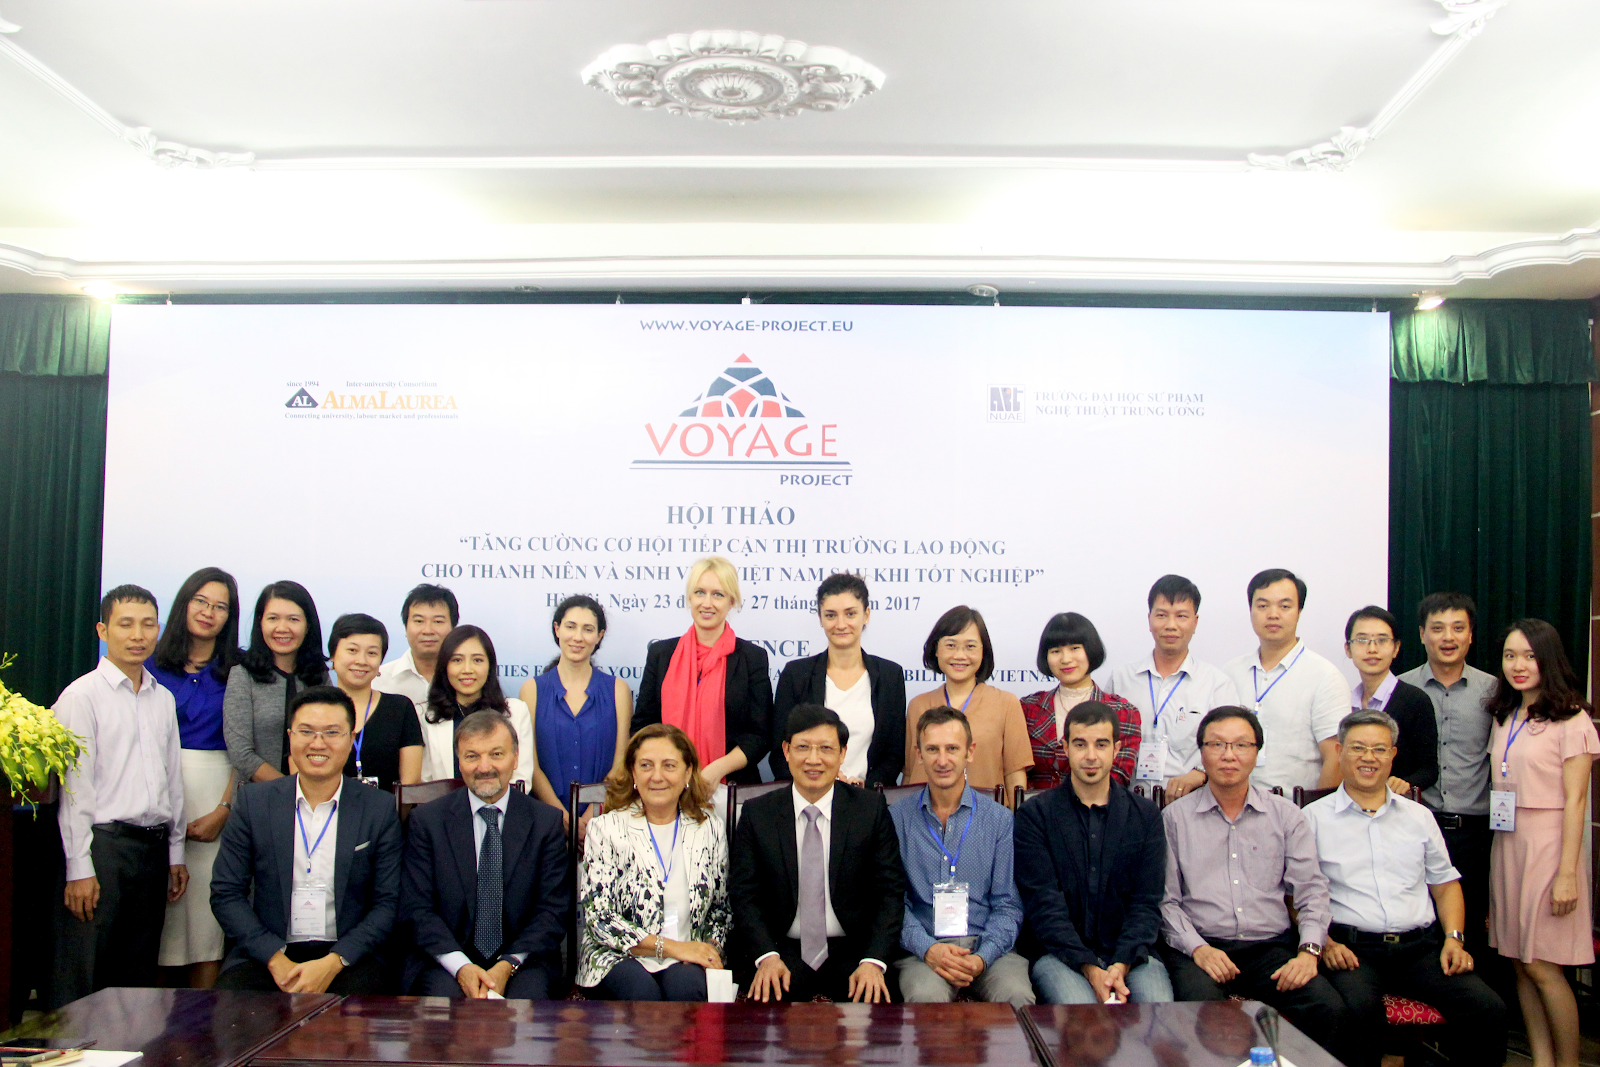 """Hội thảo khoa học quốc tế: """"Tăng cường cơ hội tiếp cận thị trường lao động cho sinh viên"""